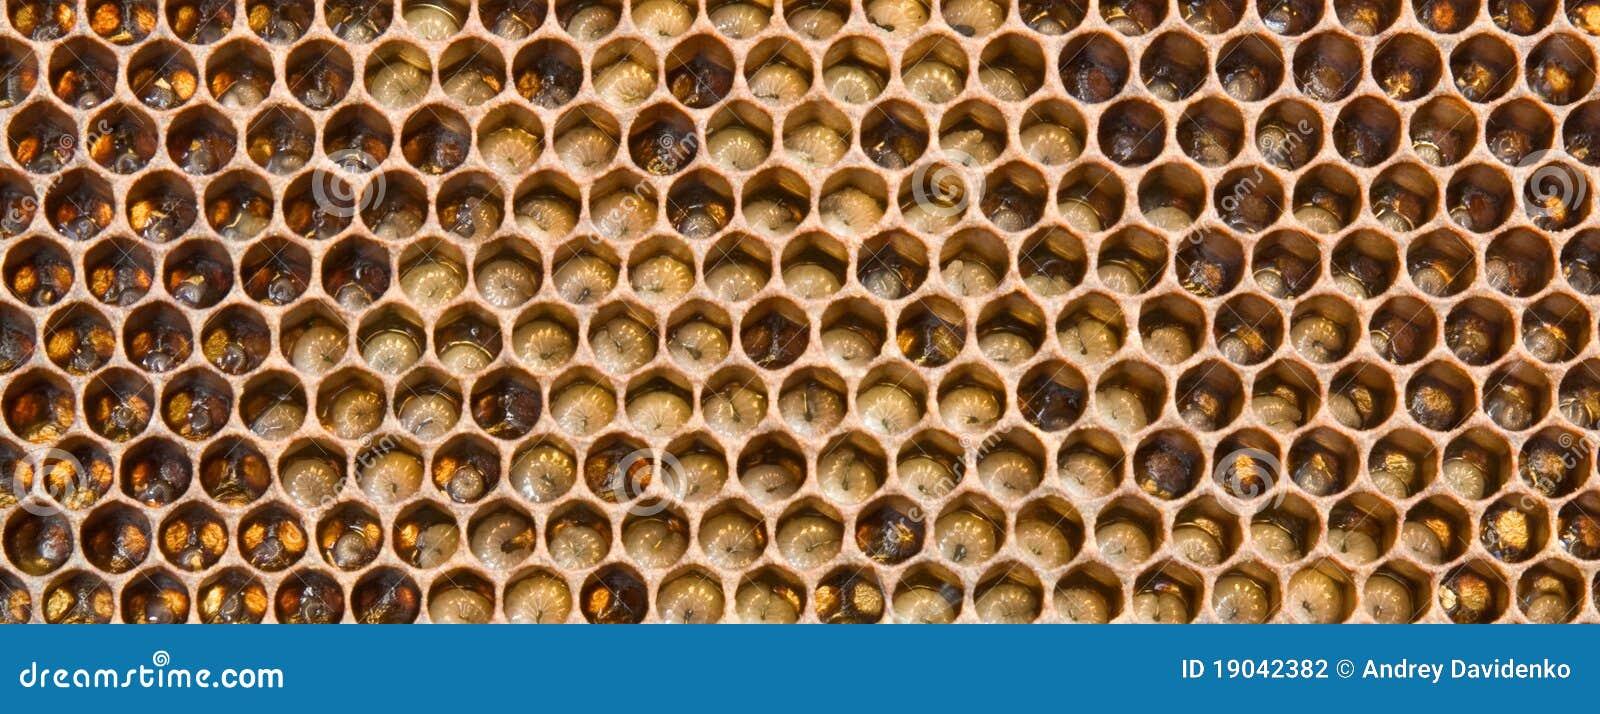 Larves le contrat à terme des abeilles